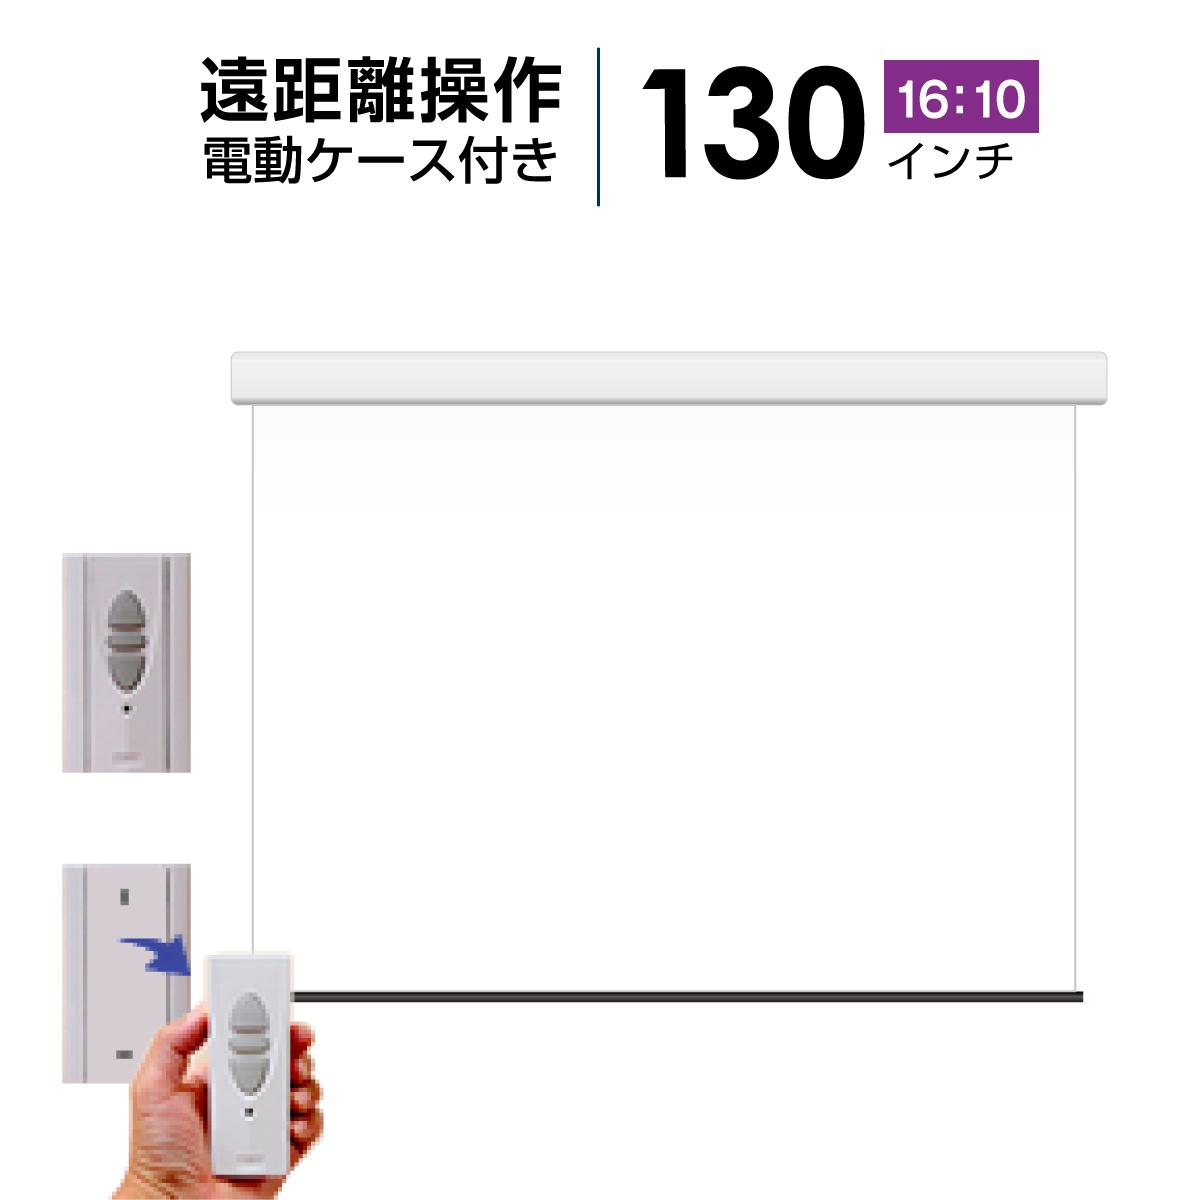 プロジェクタースクリーン 電動遠距離ケース付きタイプ130インチ(16:10) マスクフリー WCR2800FEH